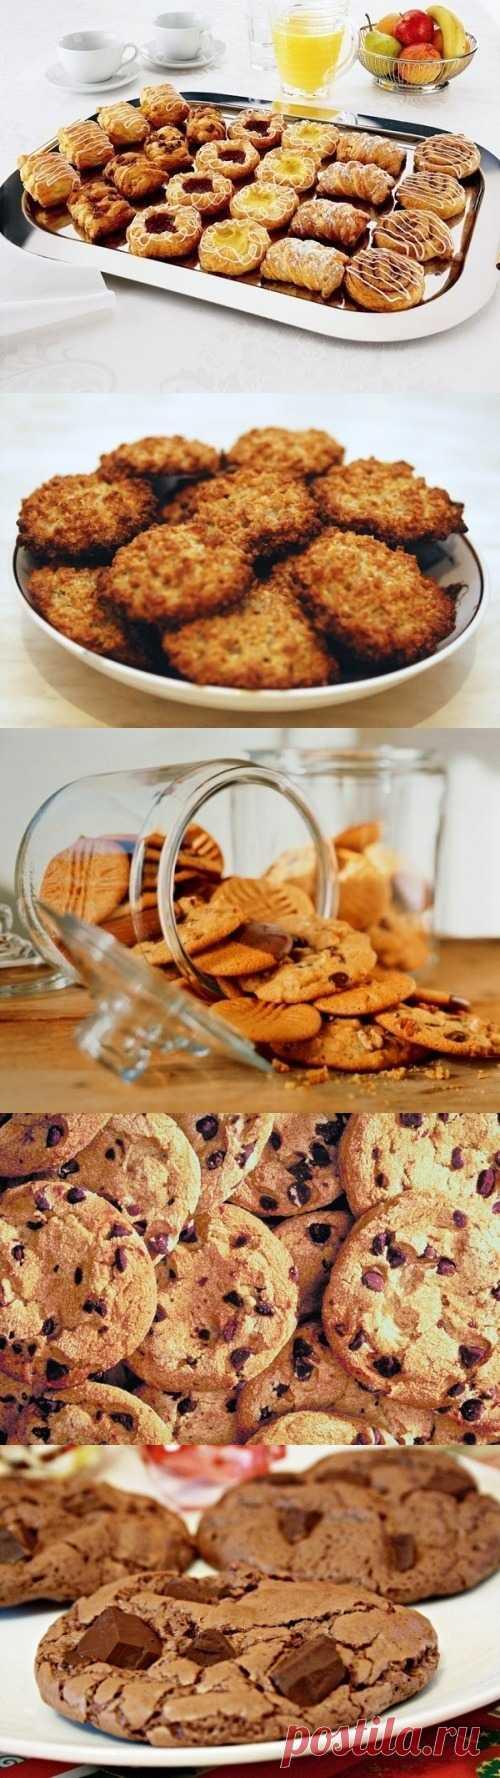 Как сделать вкуснейшее печенье у себя на кухне